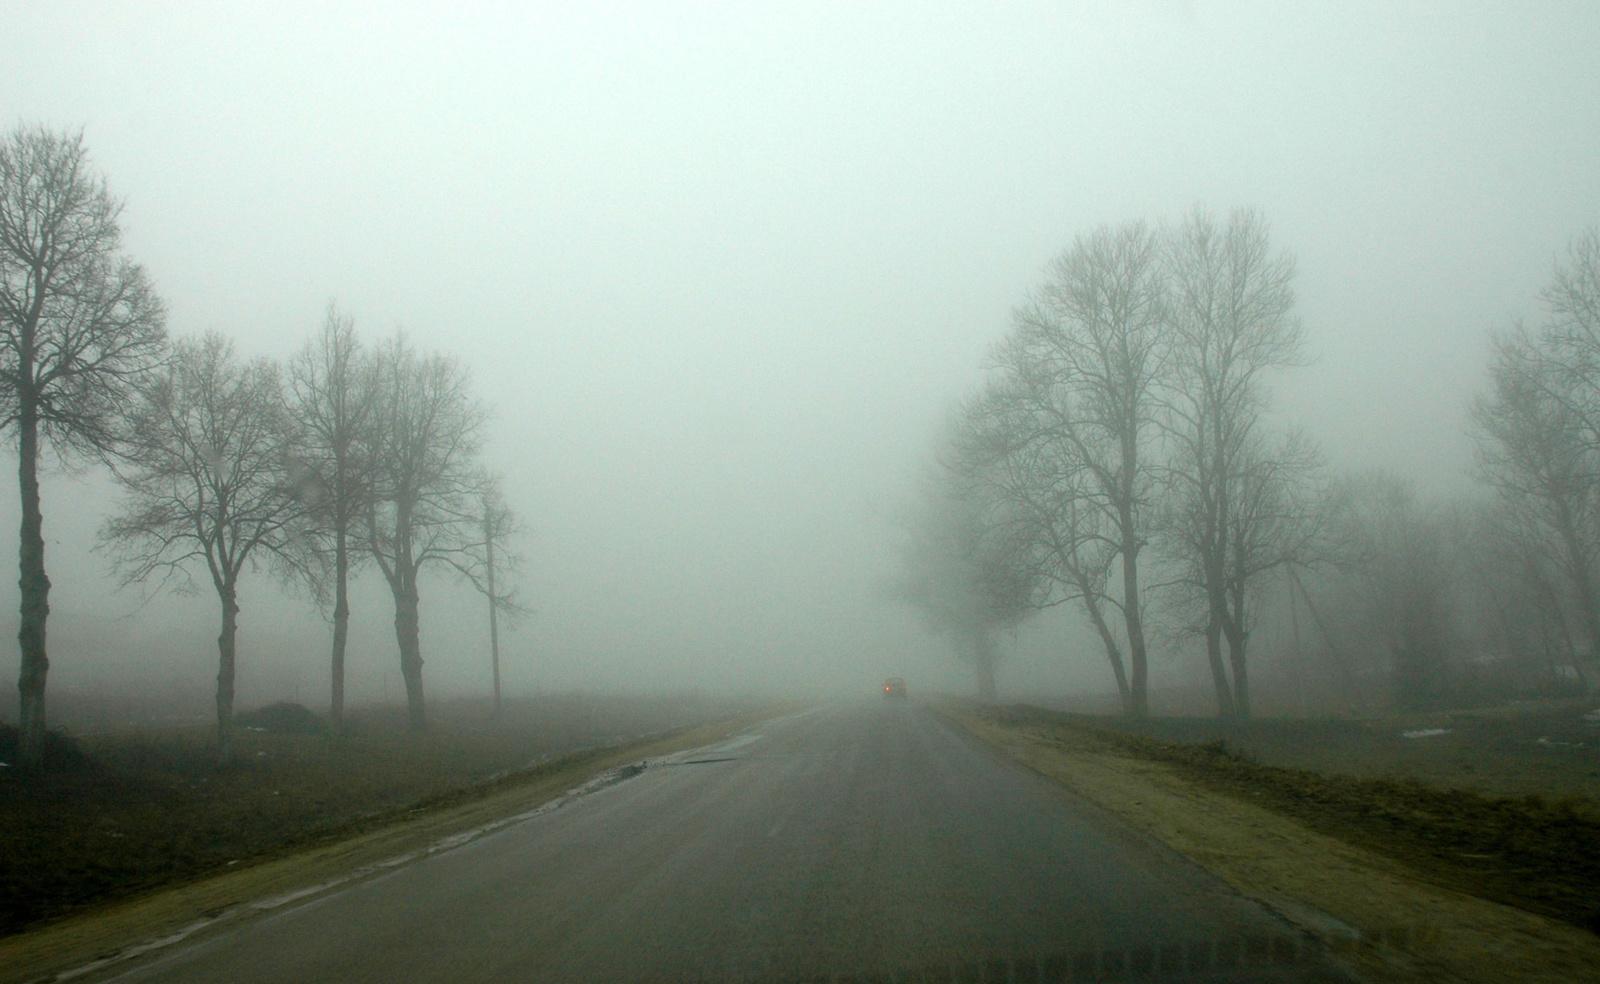 Naktį eismo sąlygas sunkins rūkas!